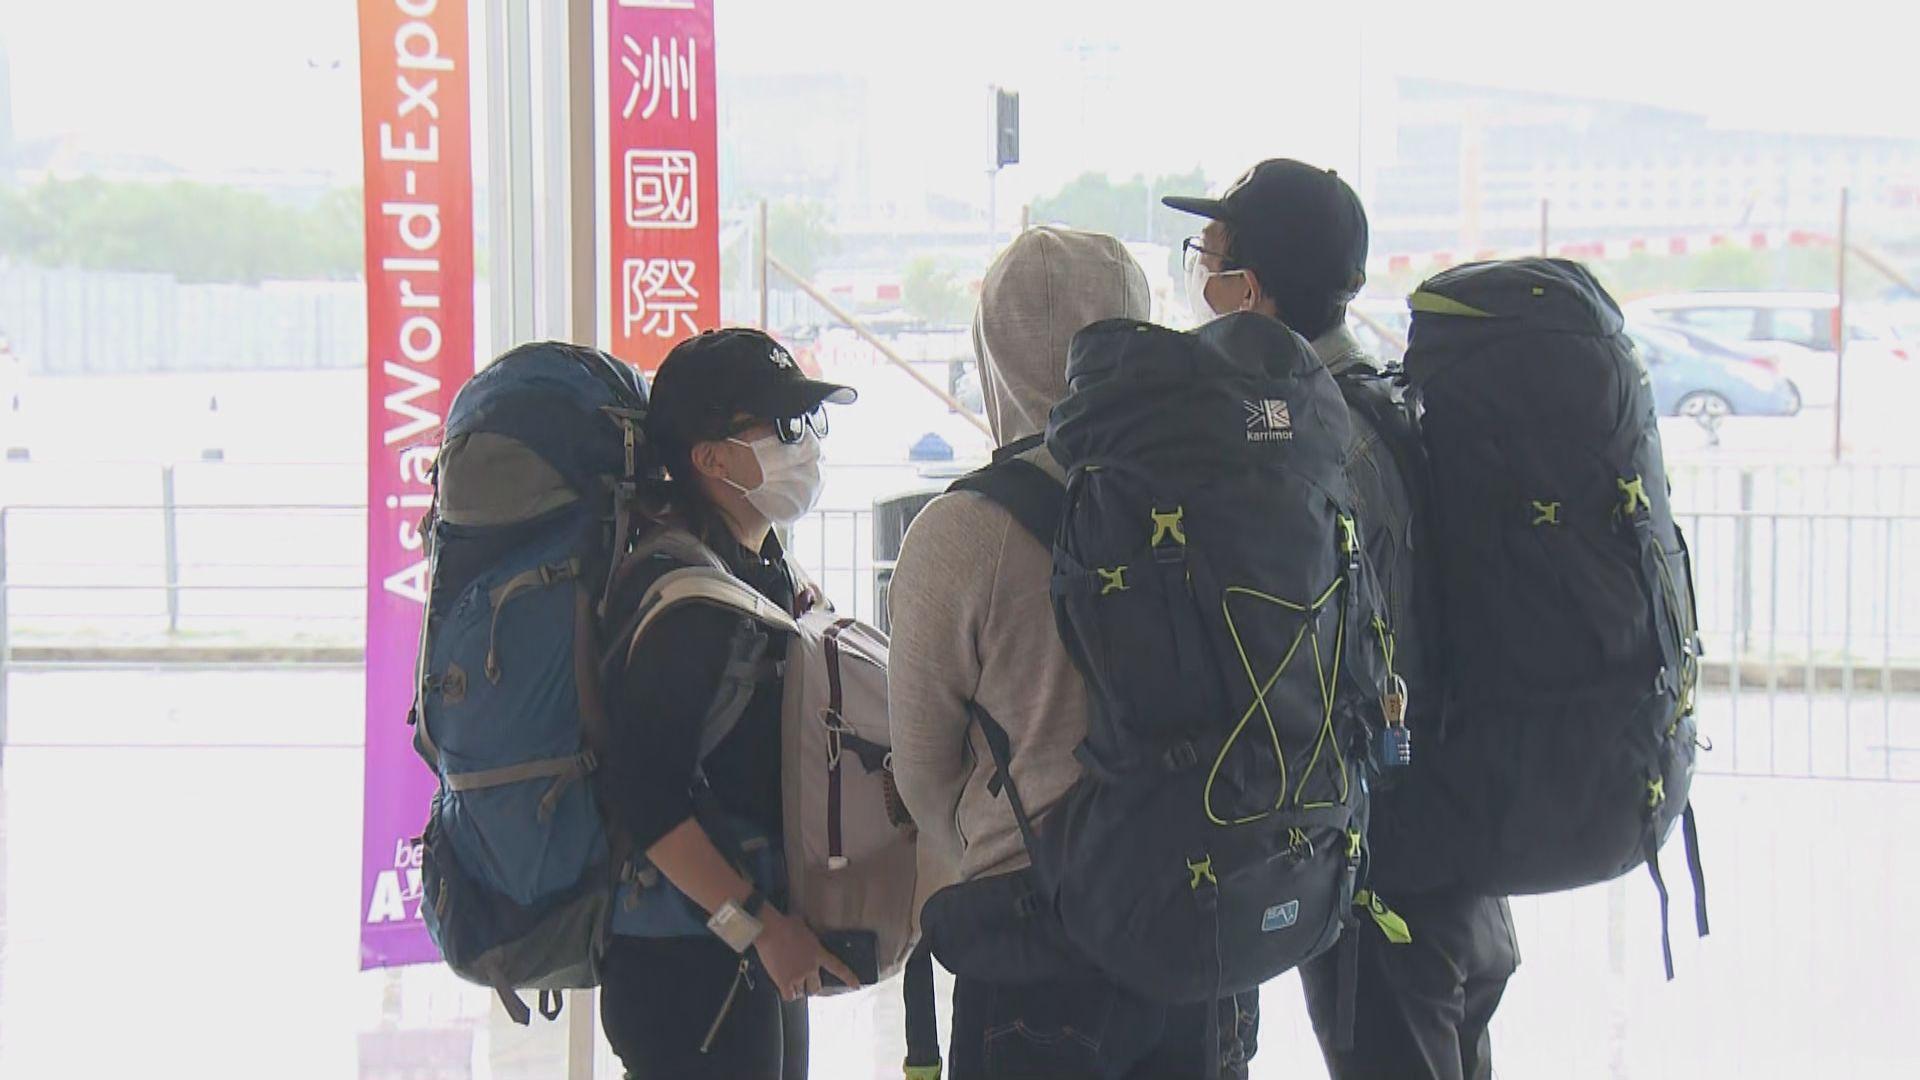 秘魯返港星晨旅行團有團友確診 全團需入住檢疫中心